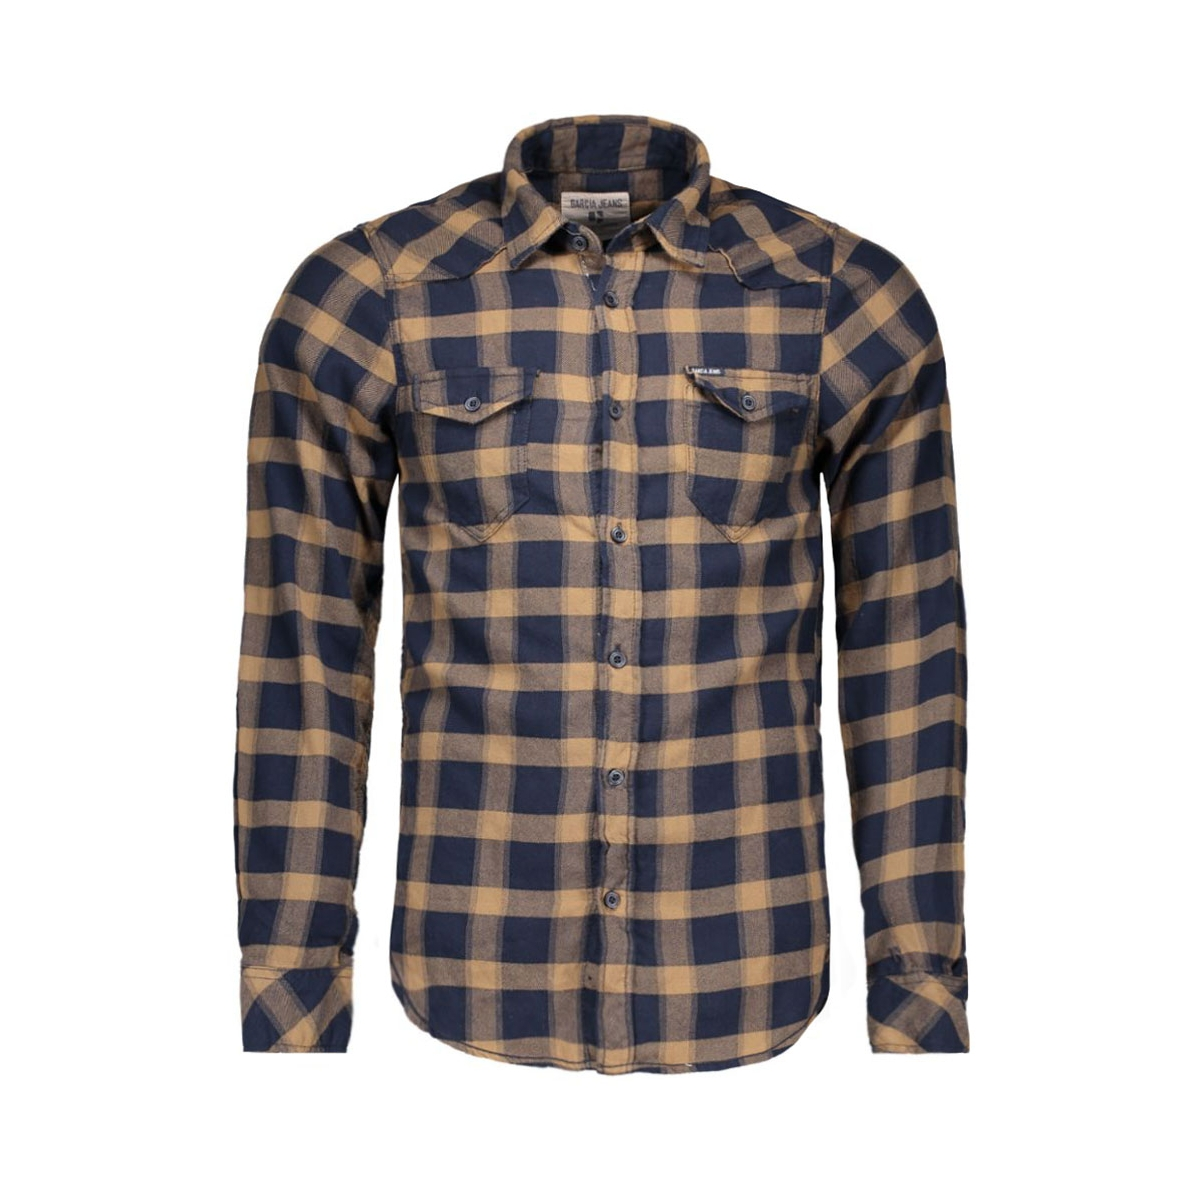 u61027 garcia overhemd 1927 wood